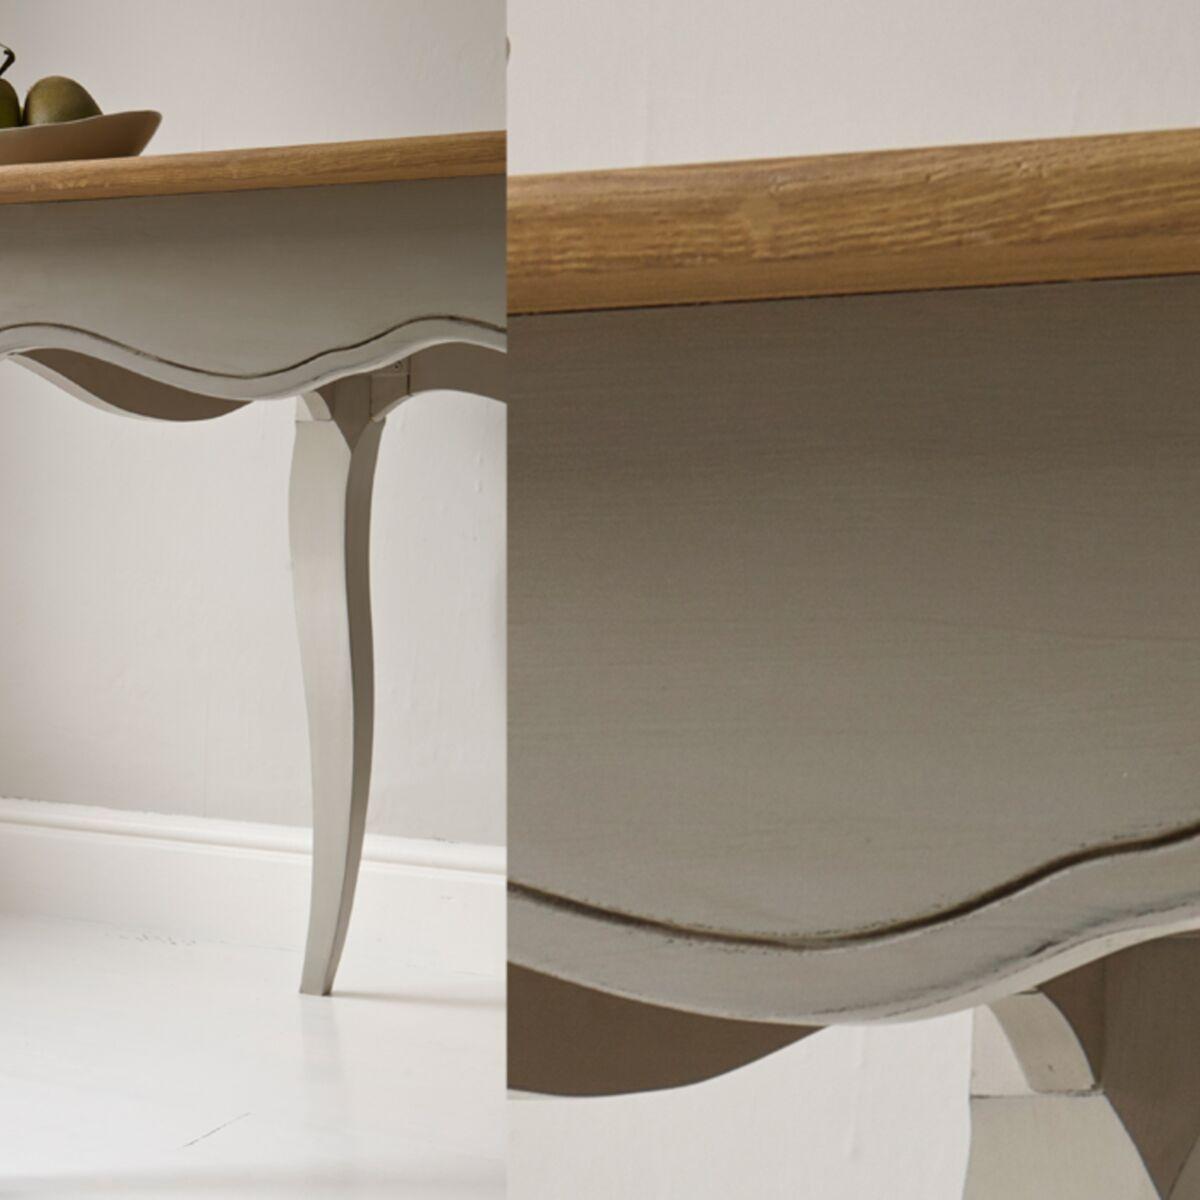 comment repeindre une table en bois